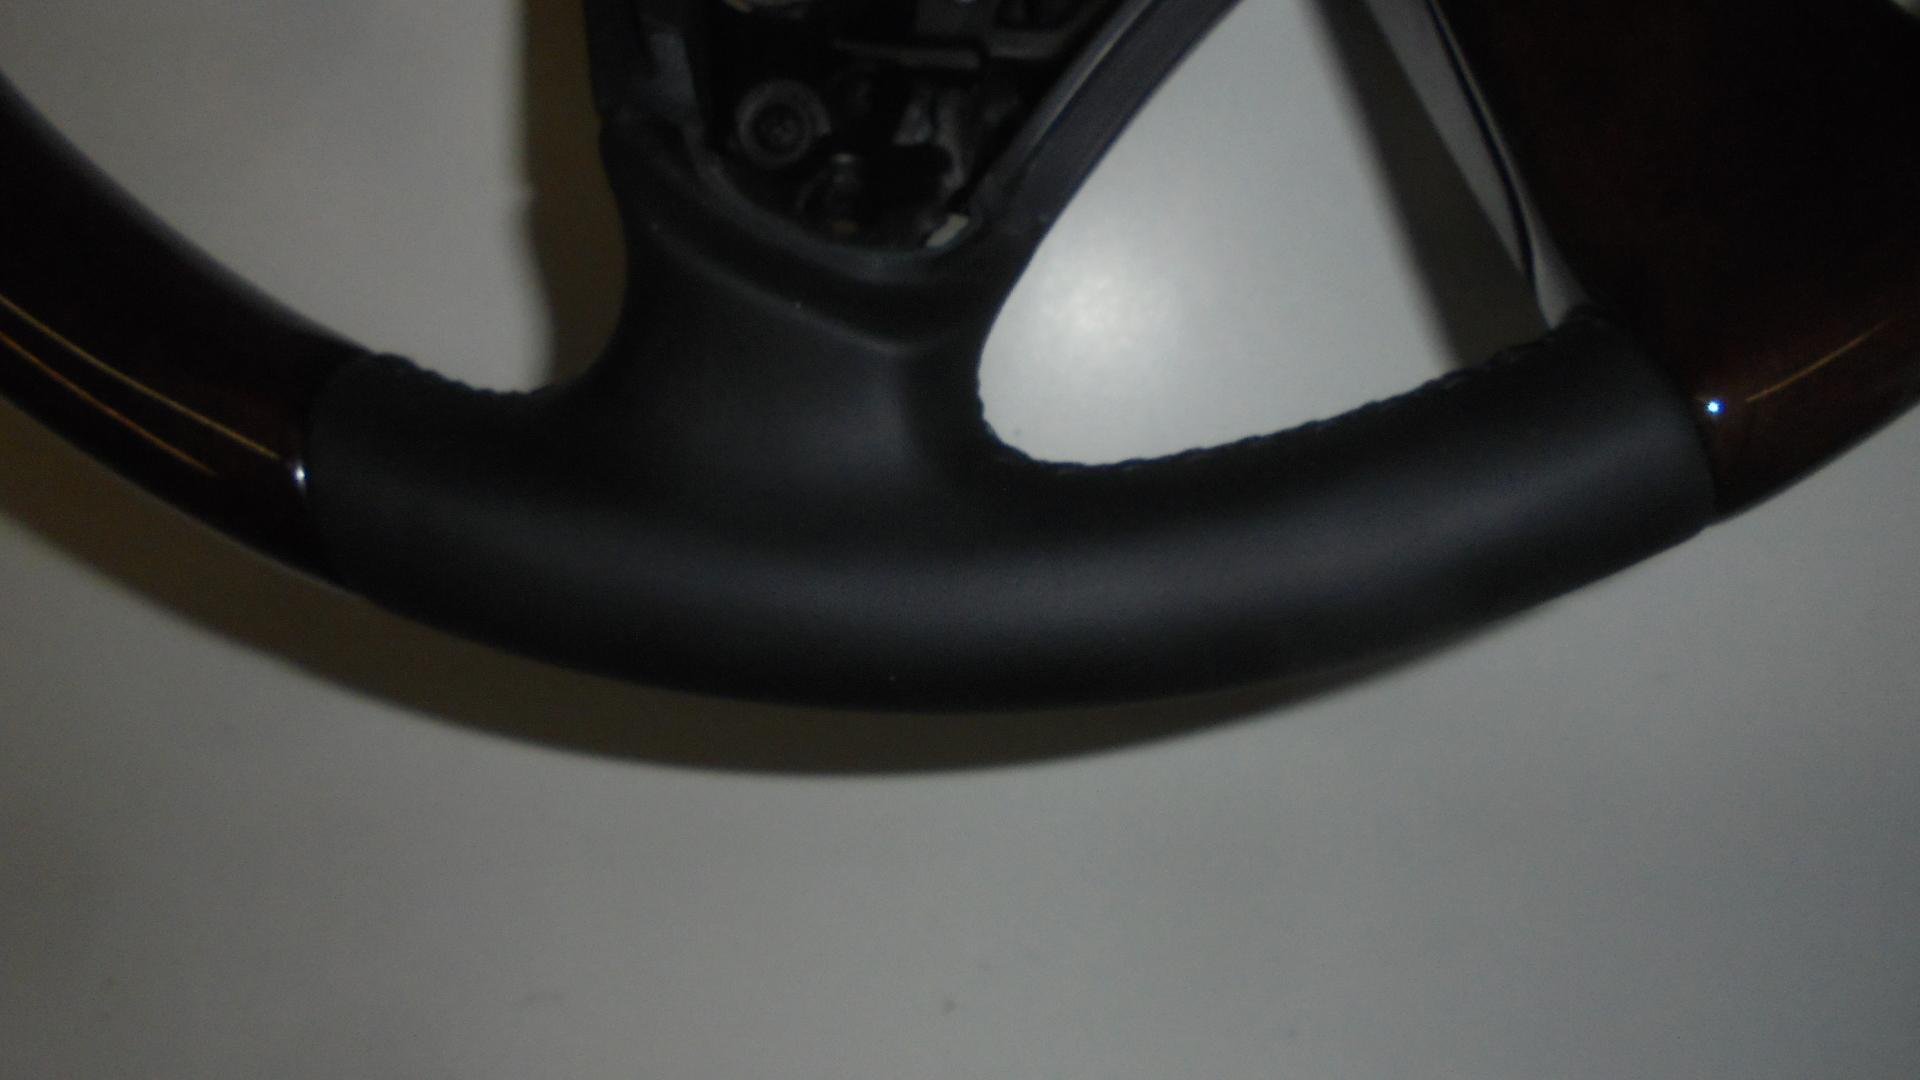 S Klasse W221 Sportlenkrad mit Prüfbericht